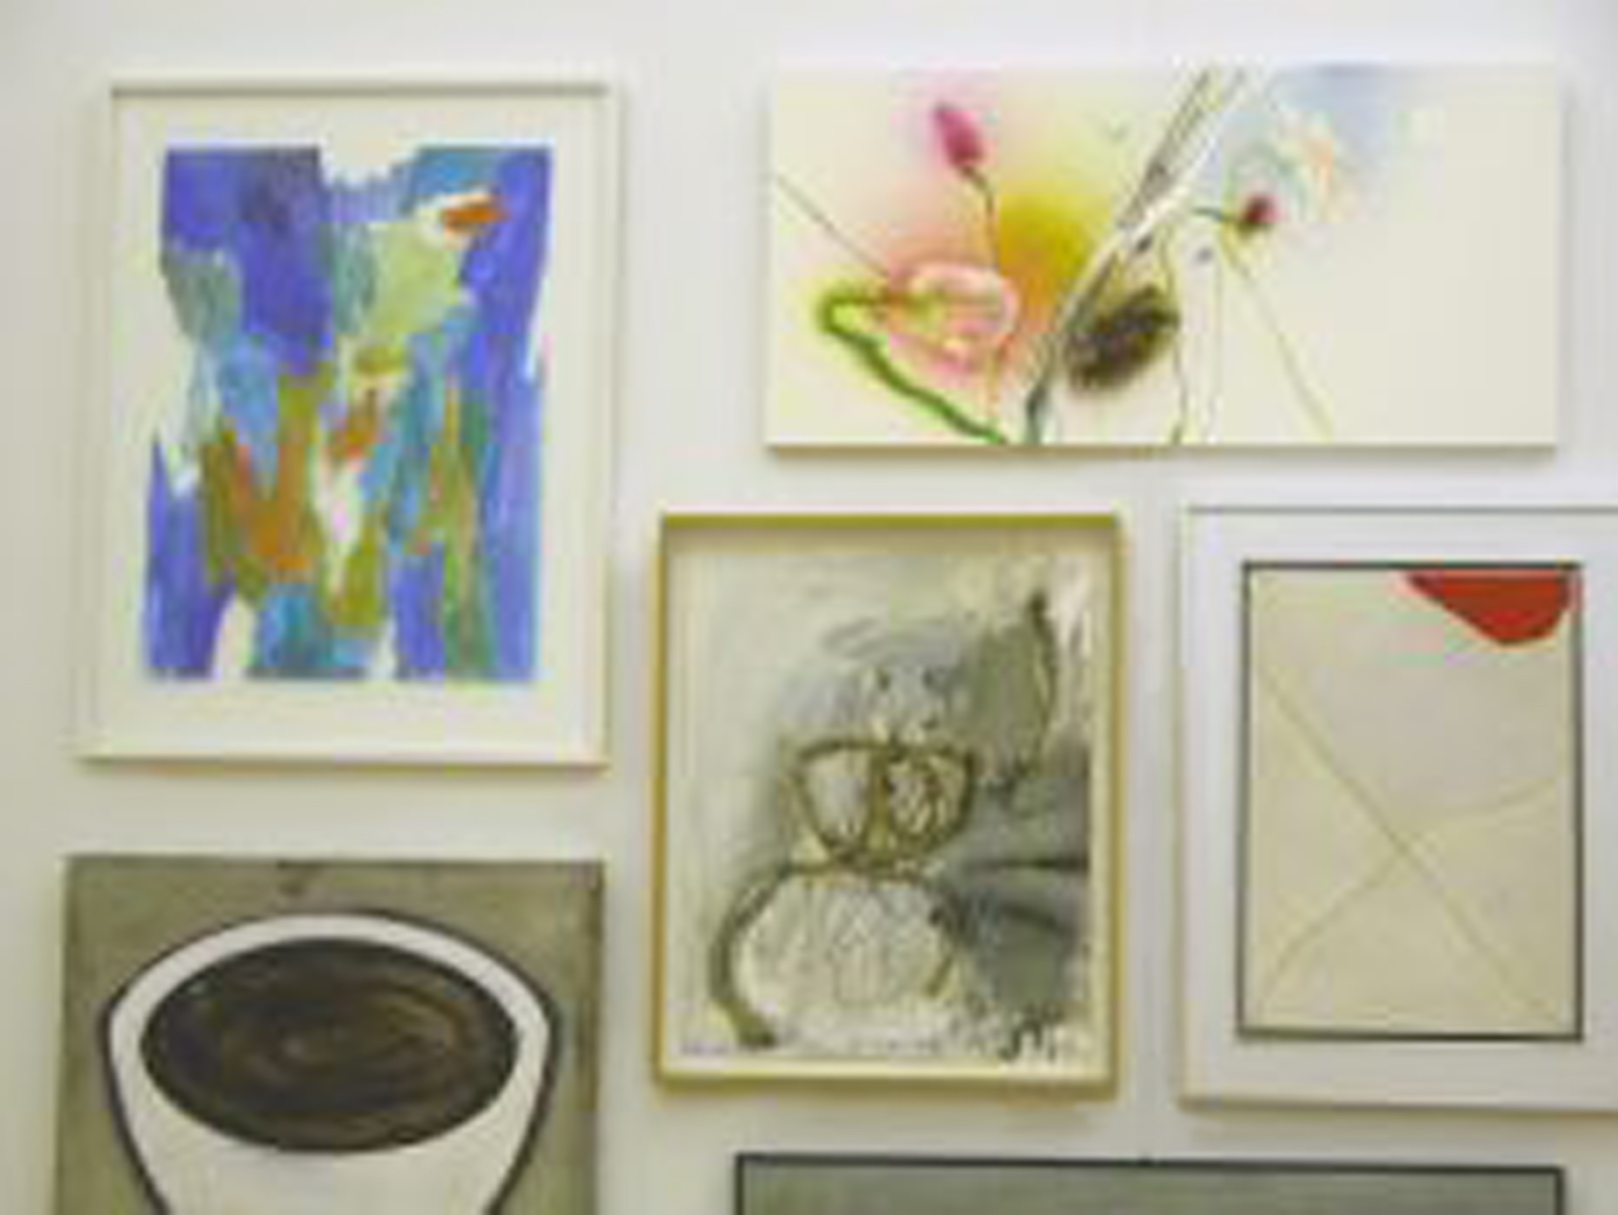 Quelques-uns des tableaux faisant partie de l'impressionnante collection de Francis Jeunet dont il a fait don au MahN